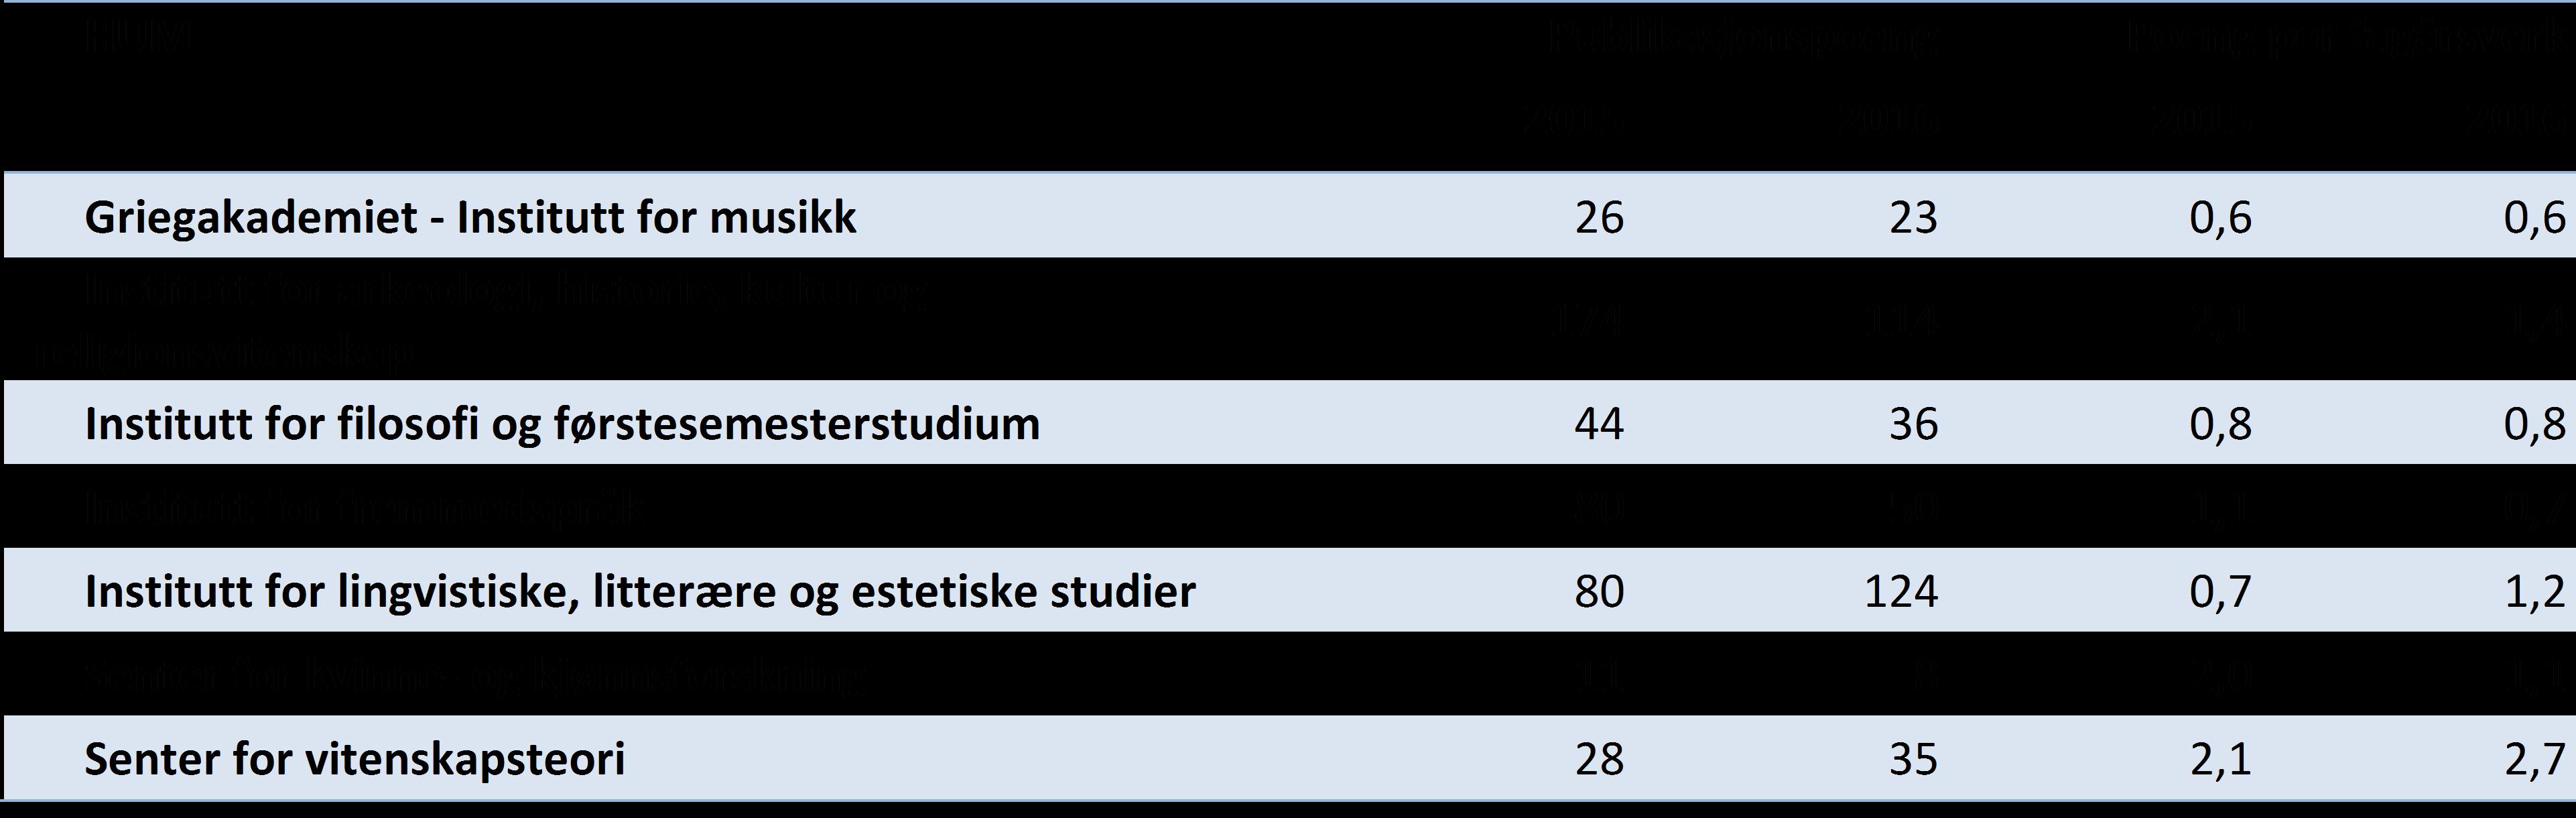 Tabell 3 Publikasjonspoeng totalt og per fagårsverk (UFF) for instituttene ved Det humanistiske fakultet UiB, siste to år (DBH).